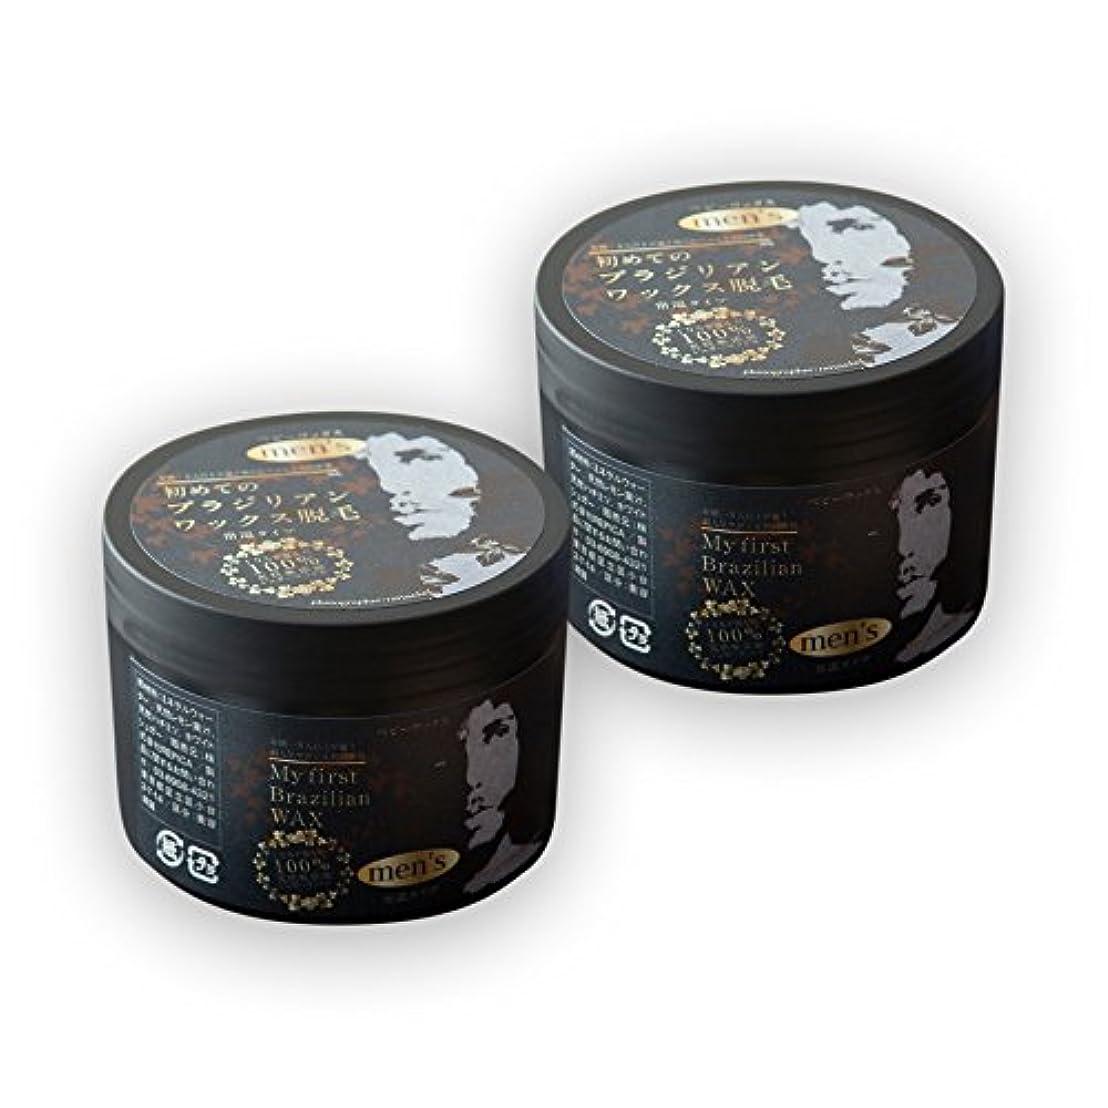 決して名前大使【単品】メンズ専用単品ワックス BABY WAX 専門サロンの初めてのブラジリアンワックス脱毛【100%国産無添加】 (2個セット)